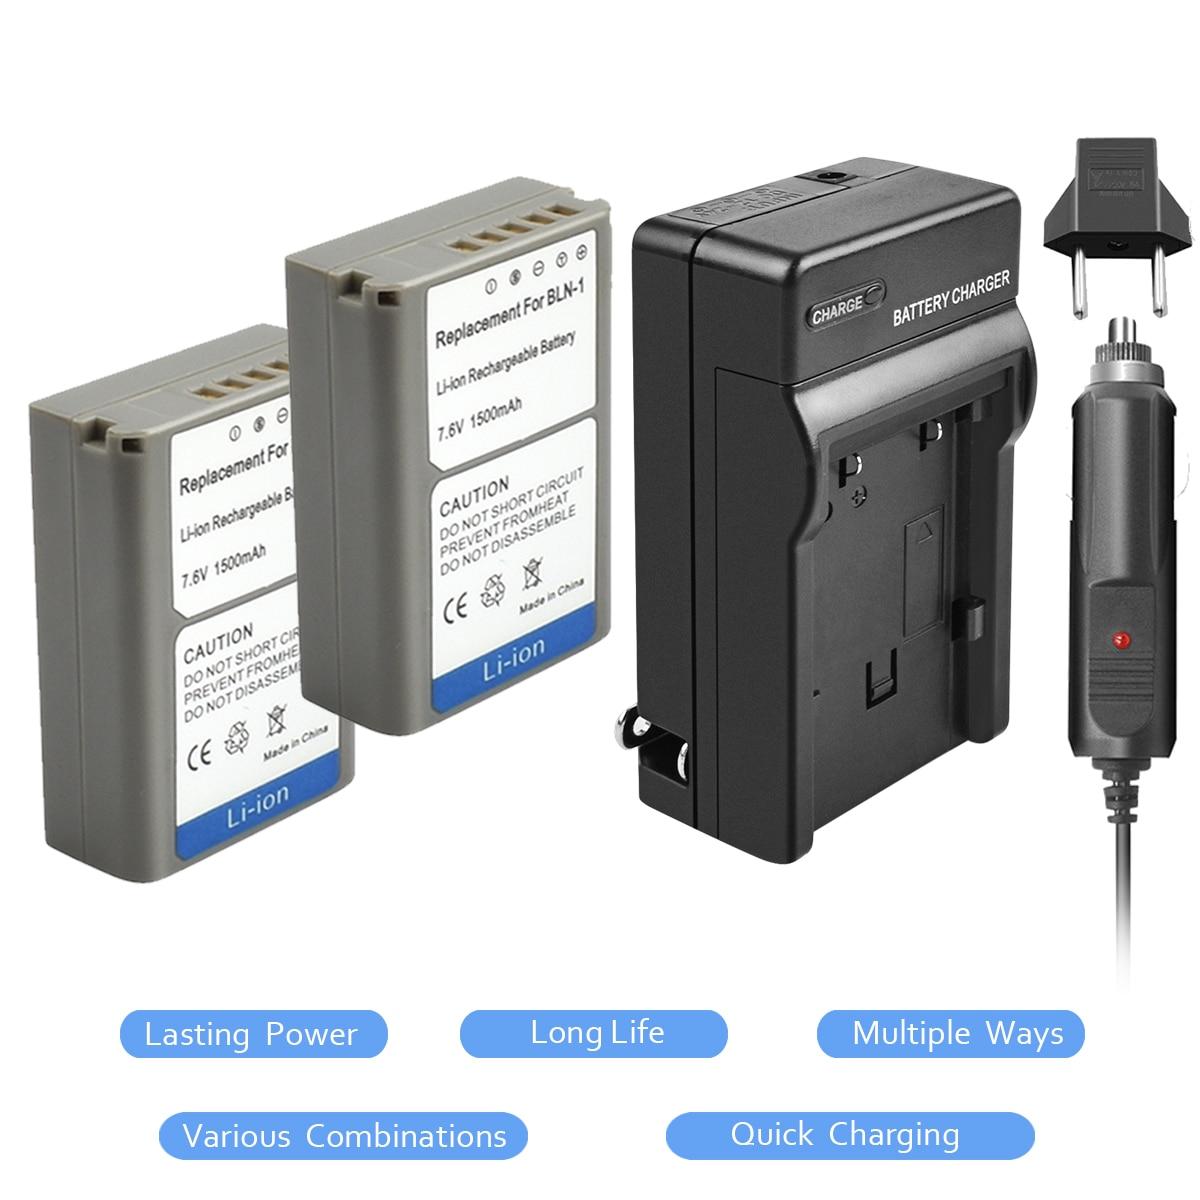 2 Pack BLN-1 PS BLN1 PS-BLN1 Batterie 7.6 v 1500 mah + Chargeur de Batterie + Chargeur De Voiture pour Olympus E-M5 OM-D E-M1 E-P5 E-M5 II Caméra L15